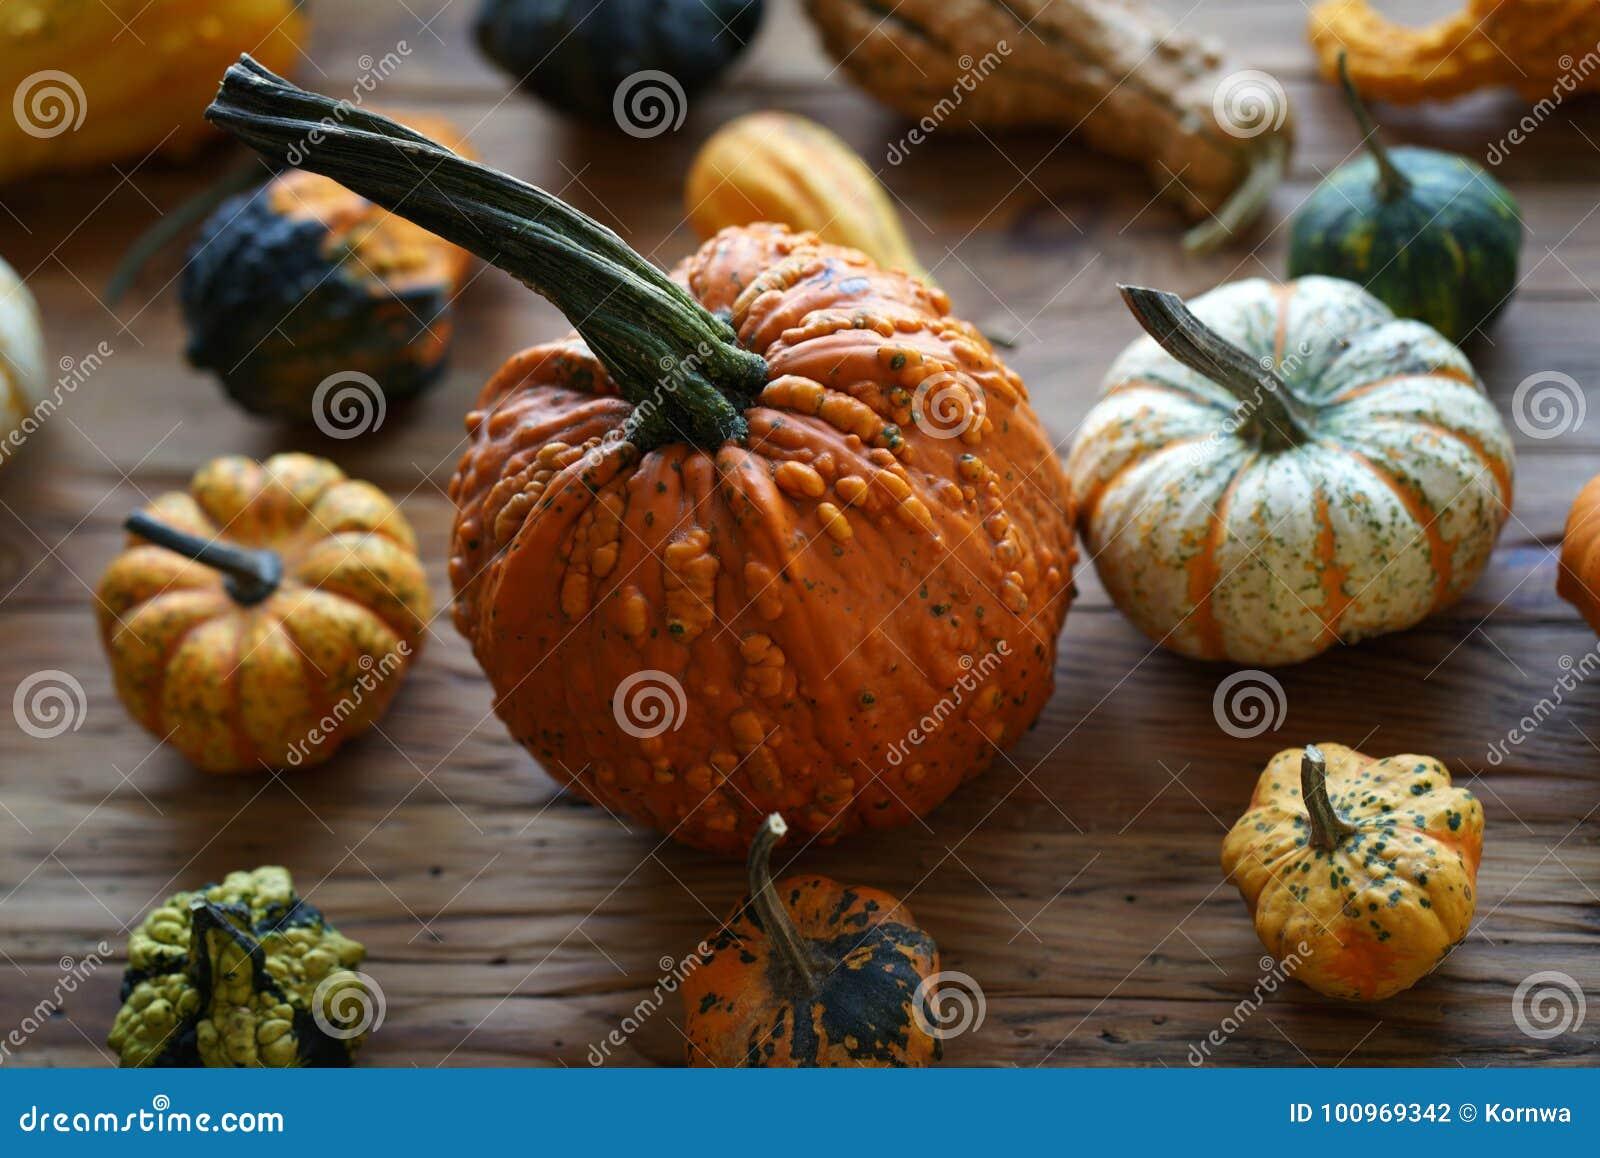 Zusammensetzung mit Halloween-Kürbisen